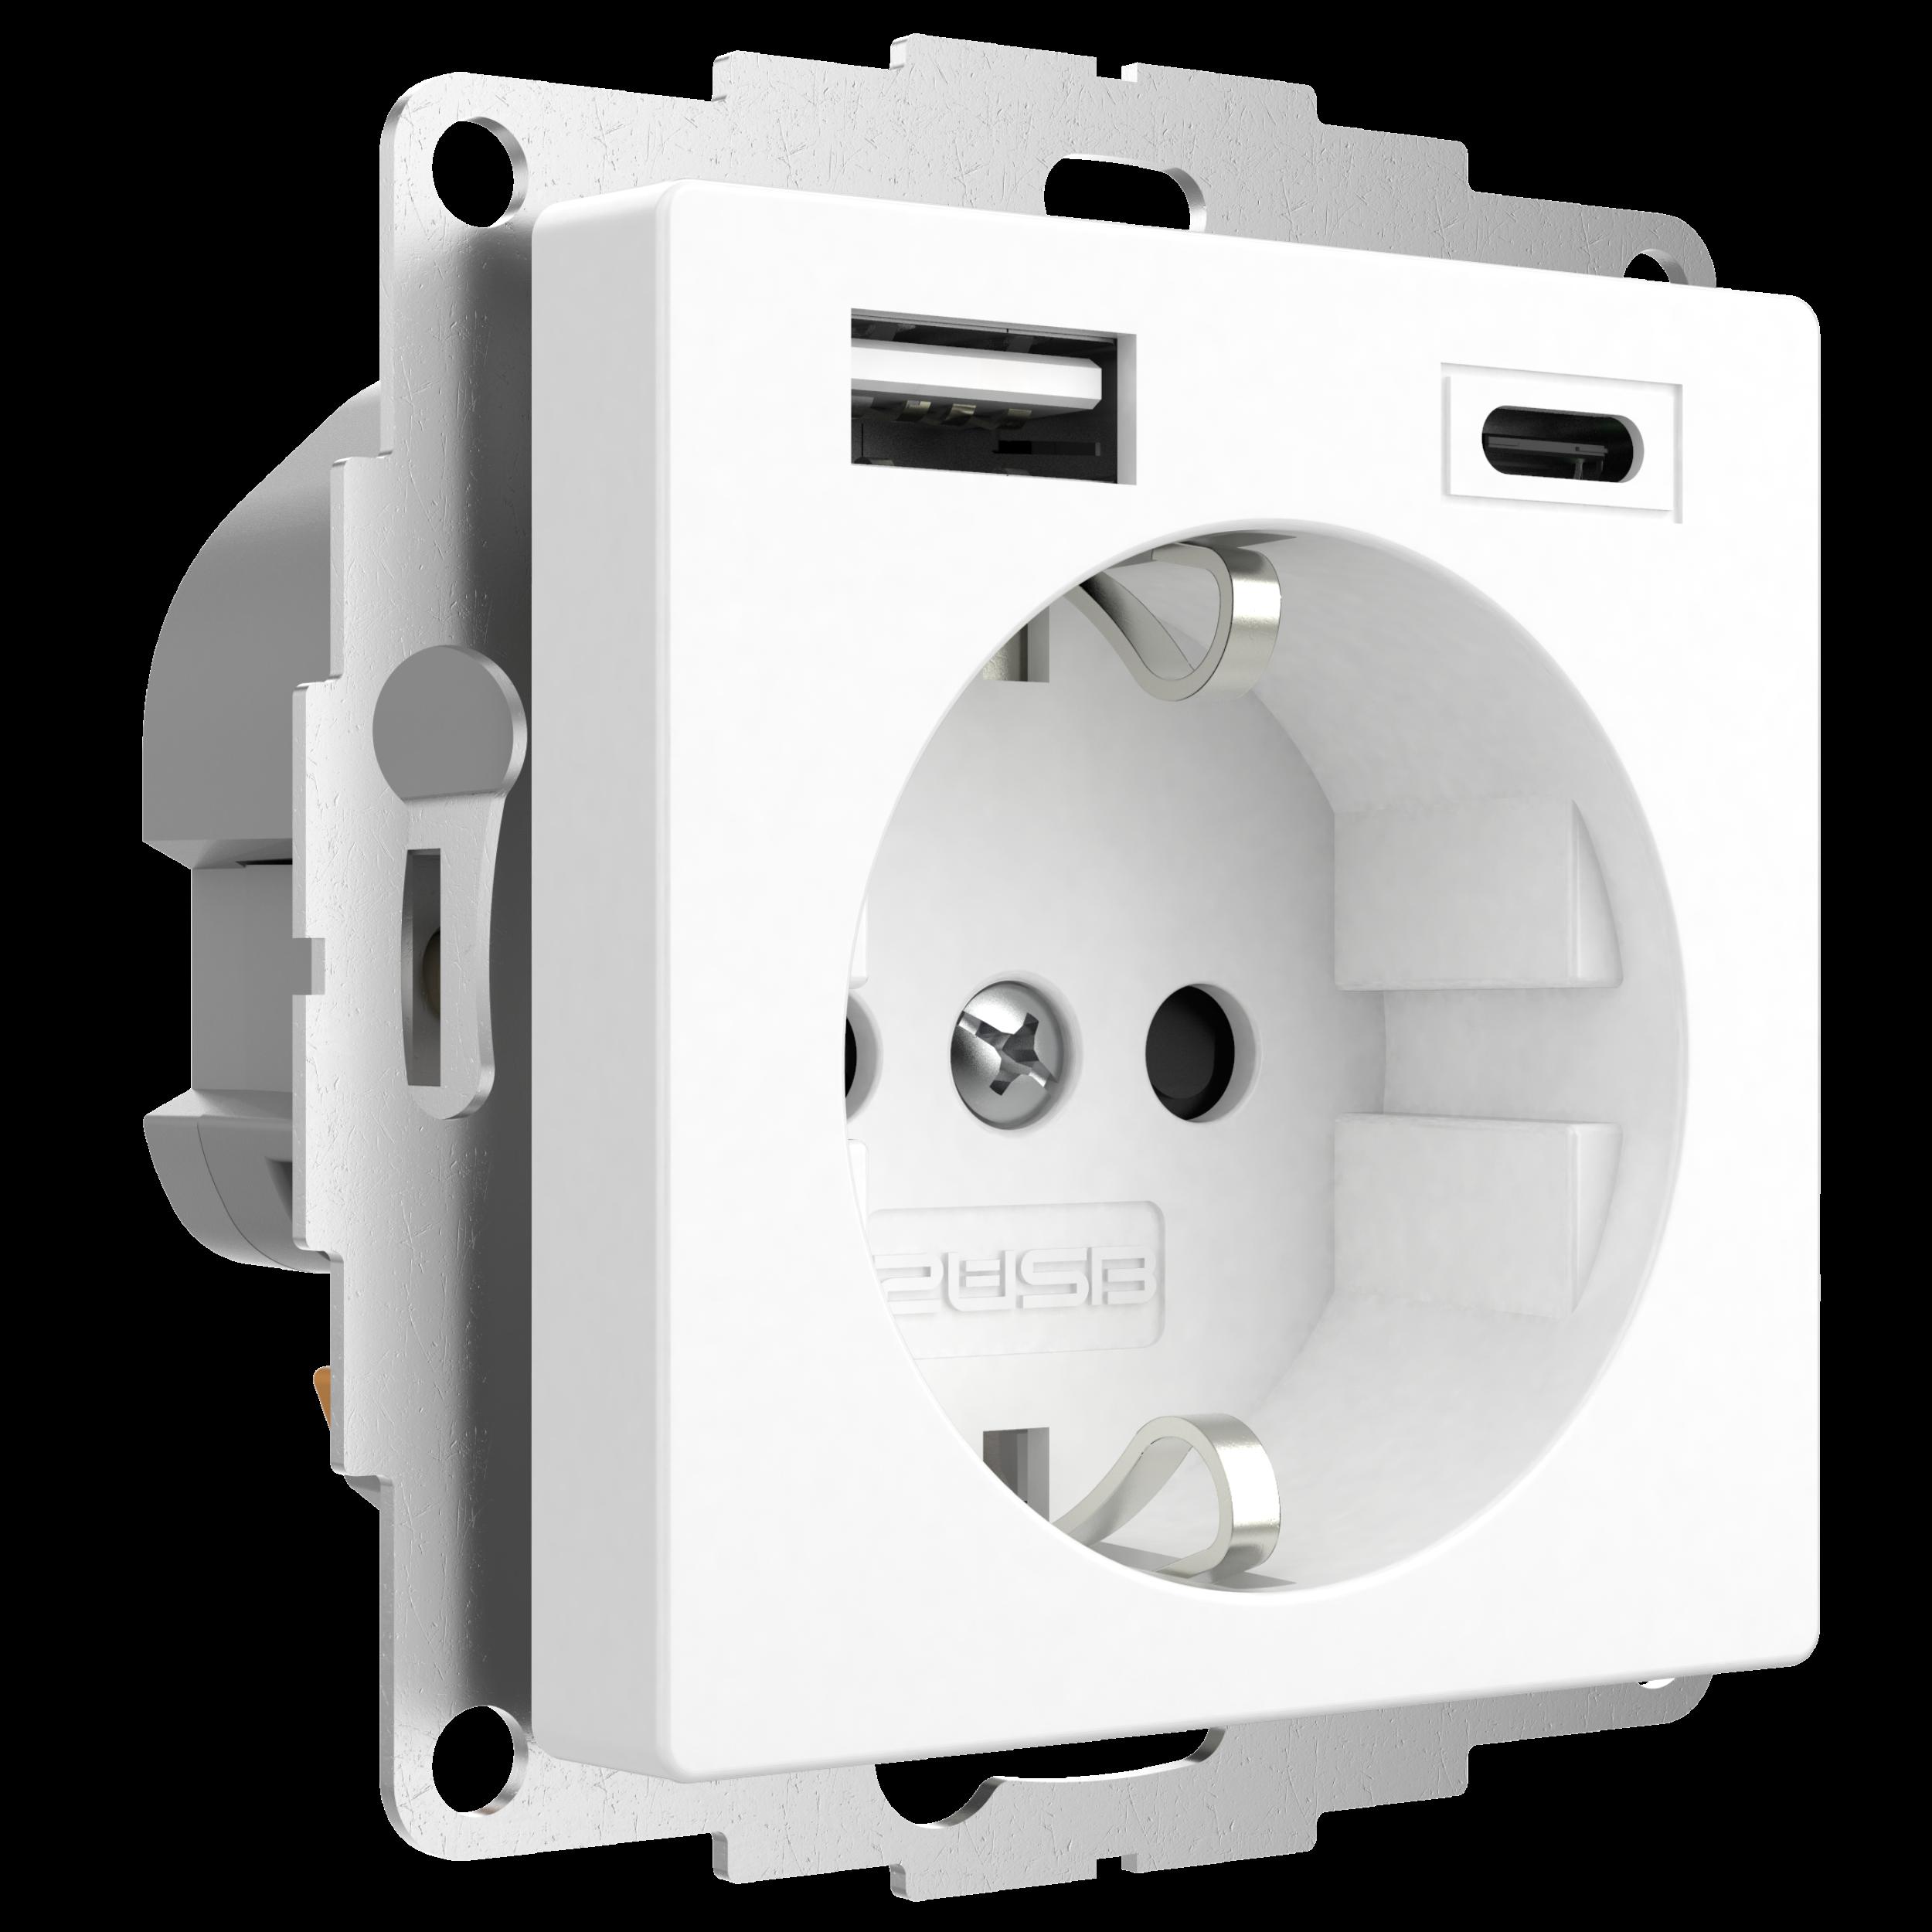 2USB wandcontactdoos met USB-A en USB-C voor 55x55mm wit mat